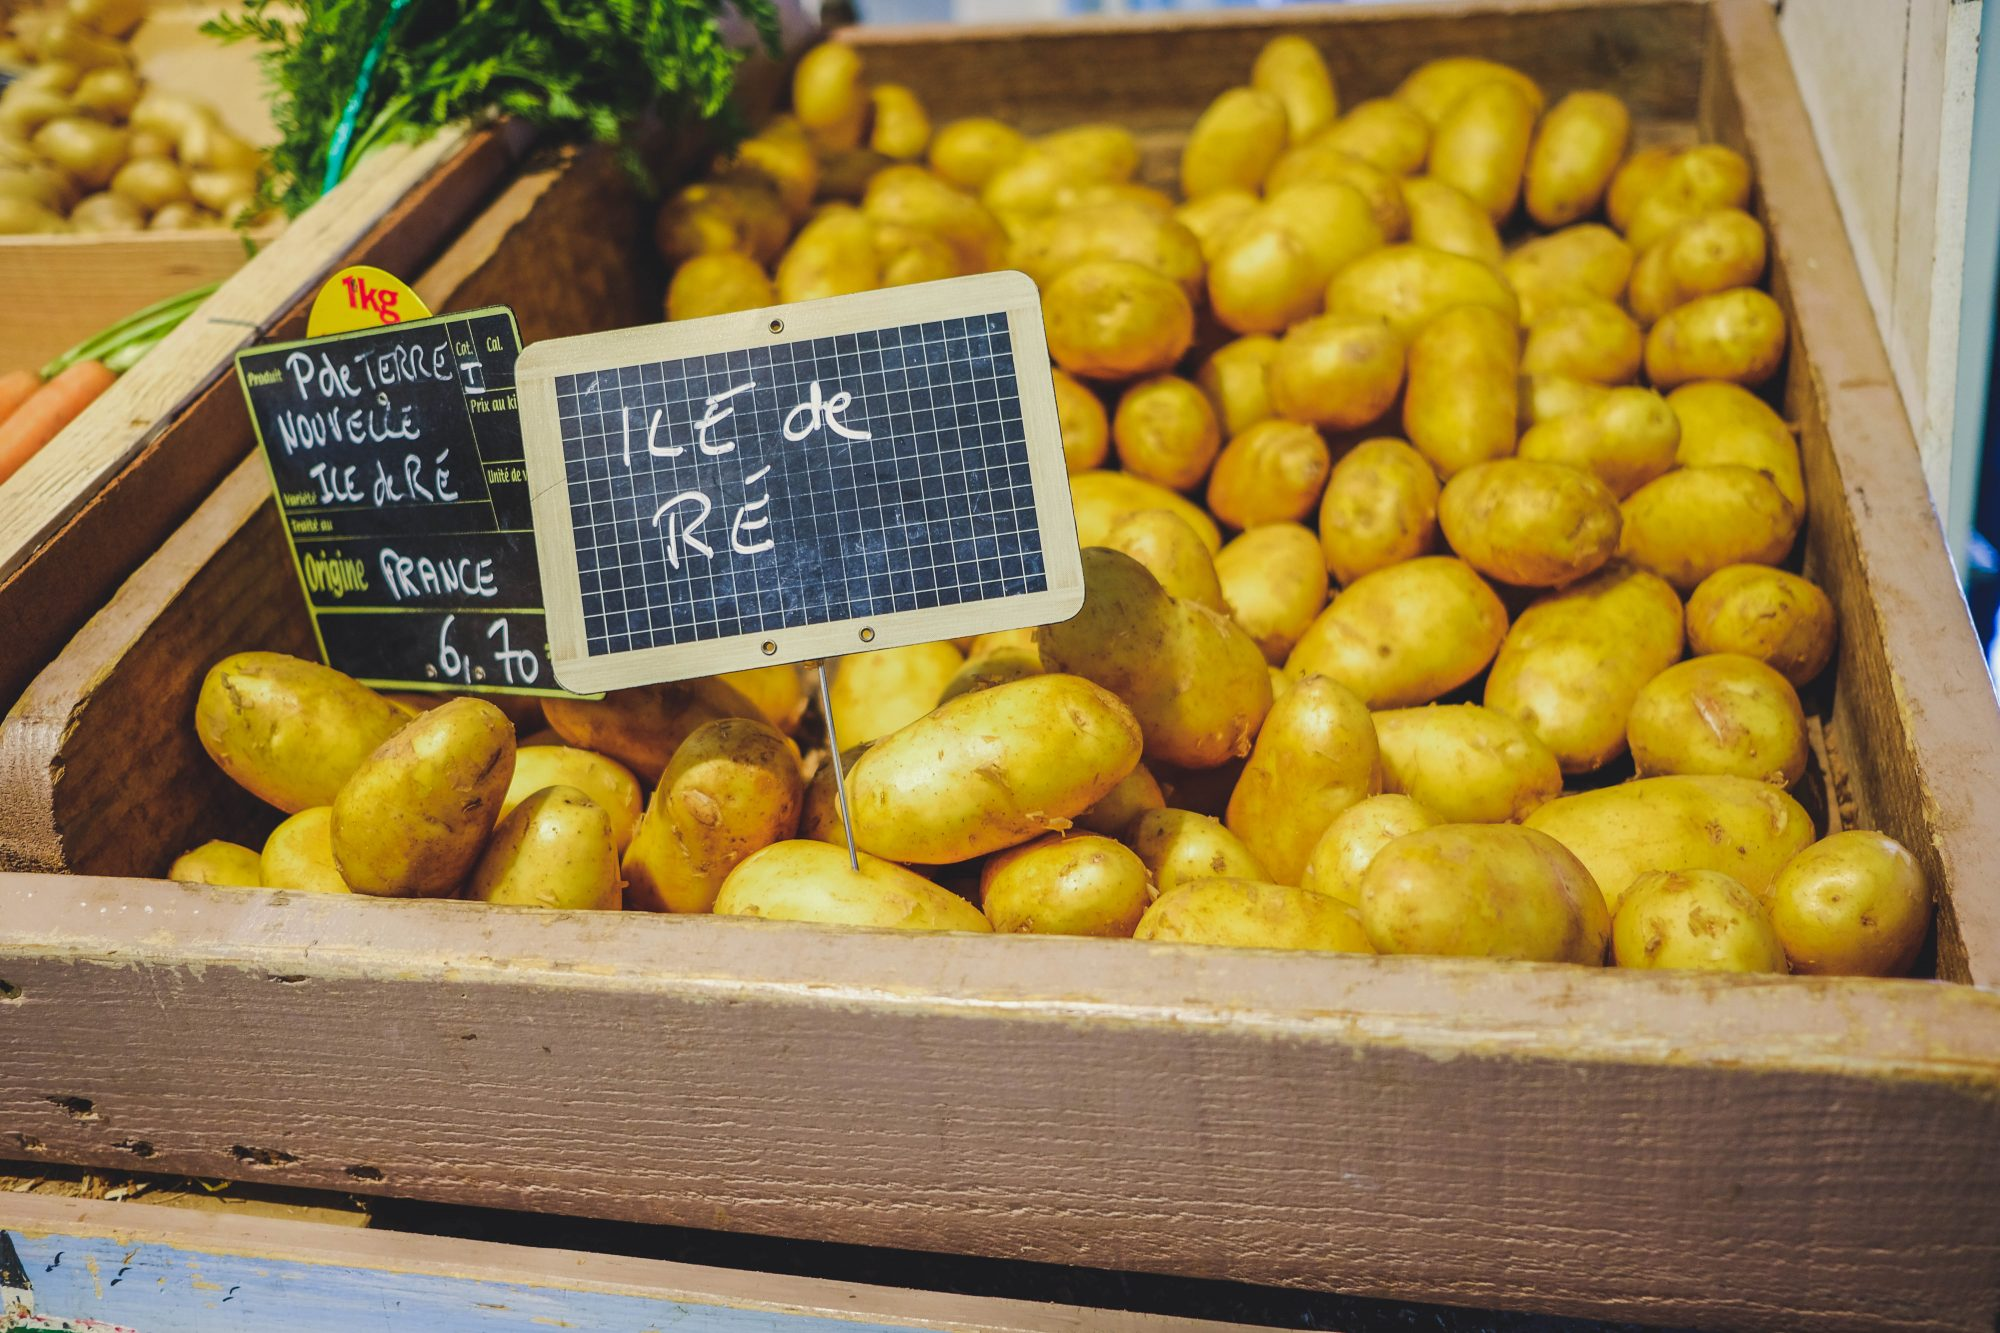 Pomme de terre nouvelle : spécialité de l'ïle de Ré